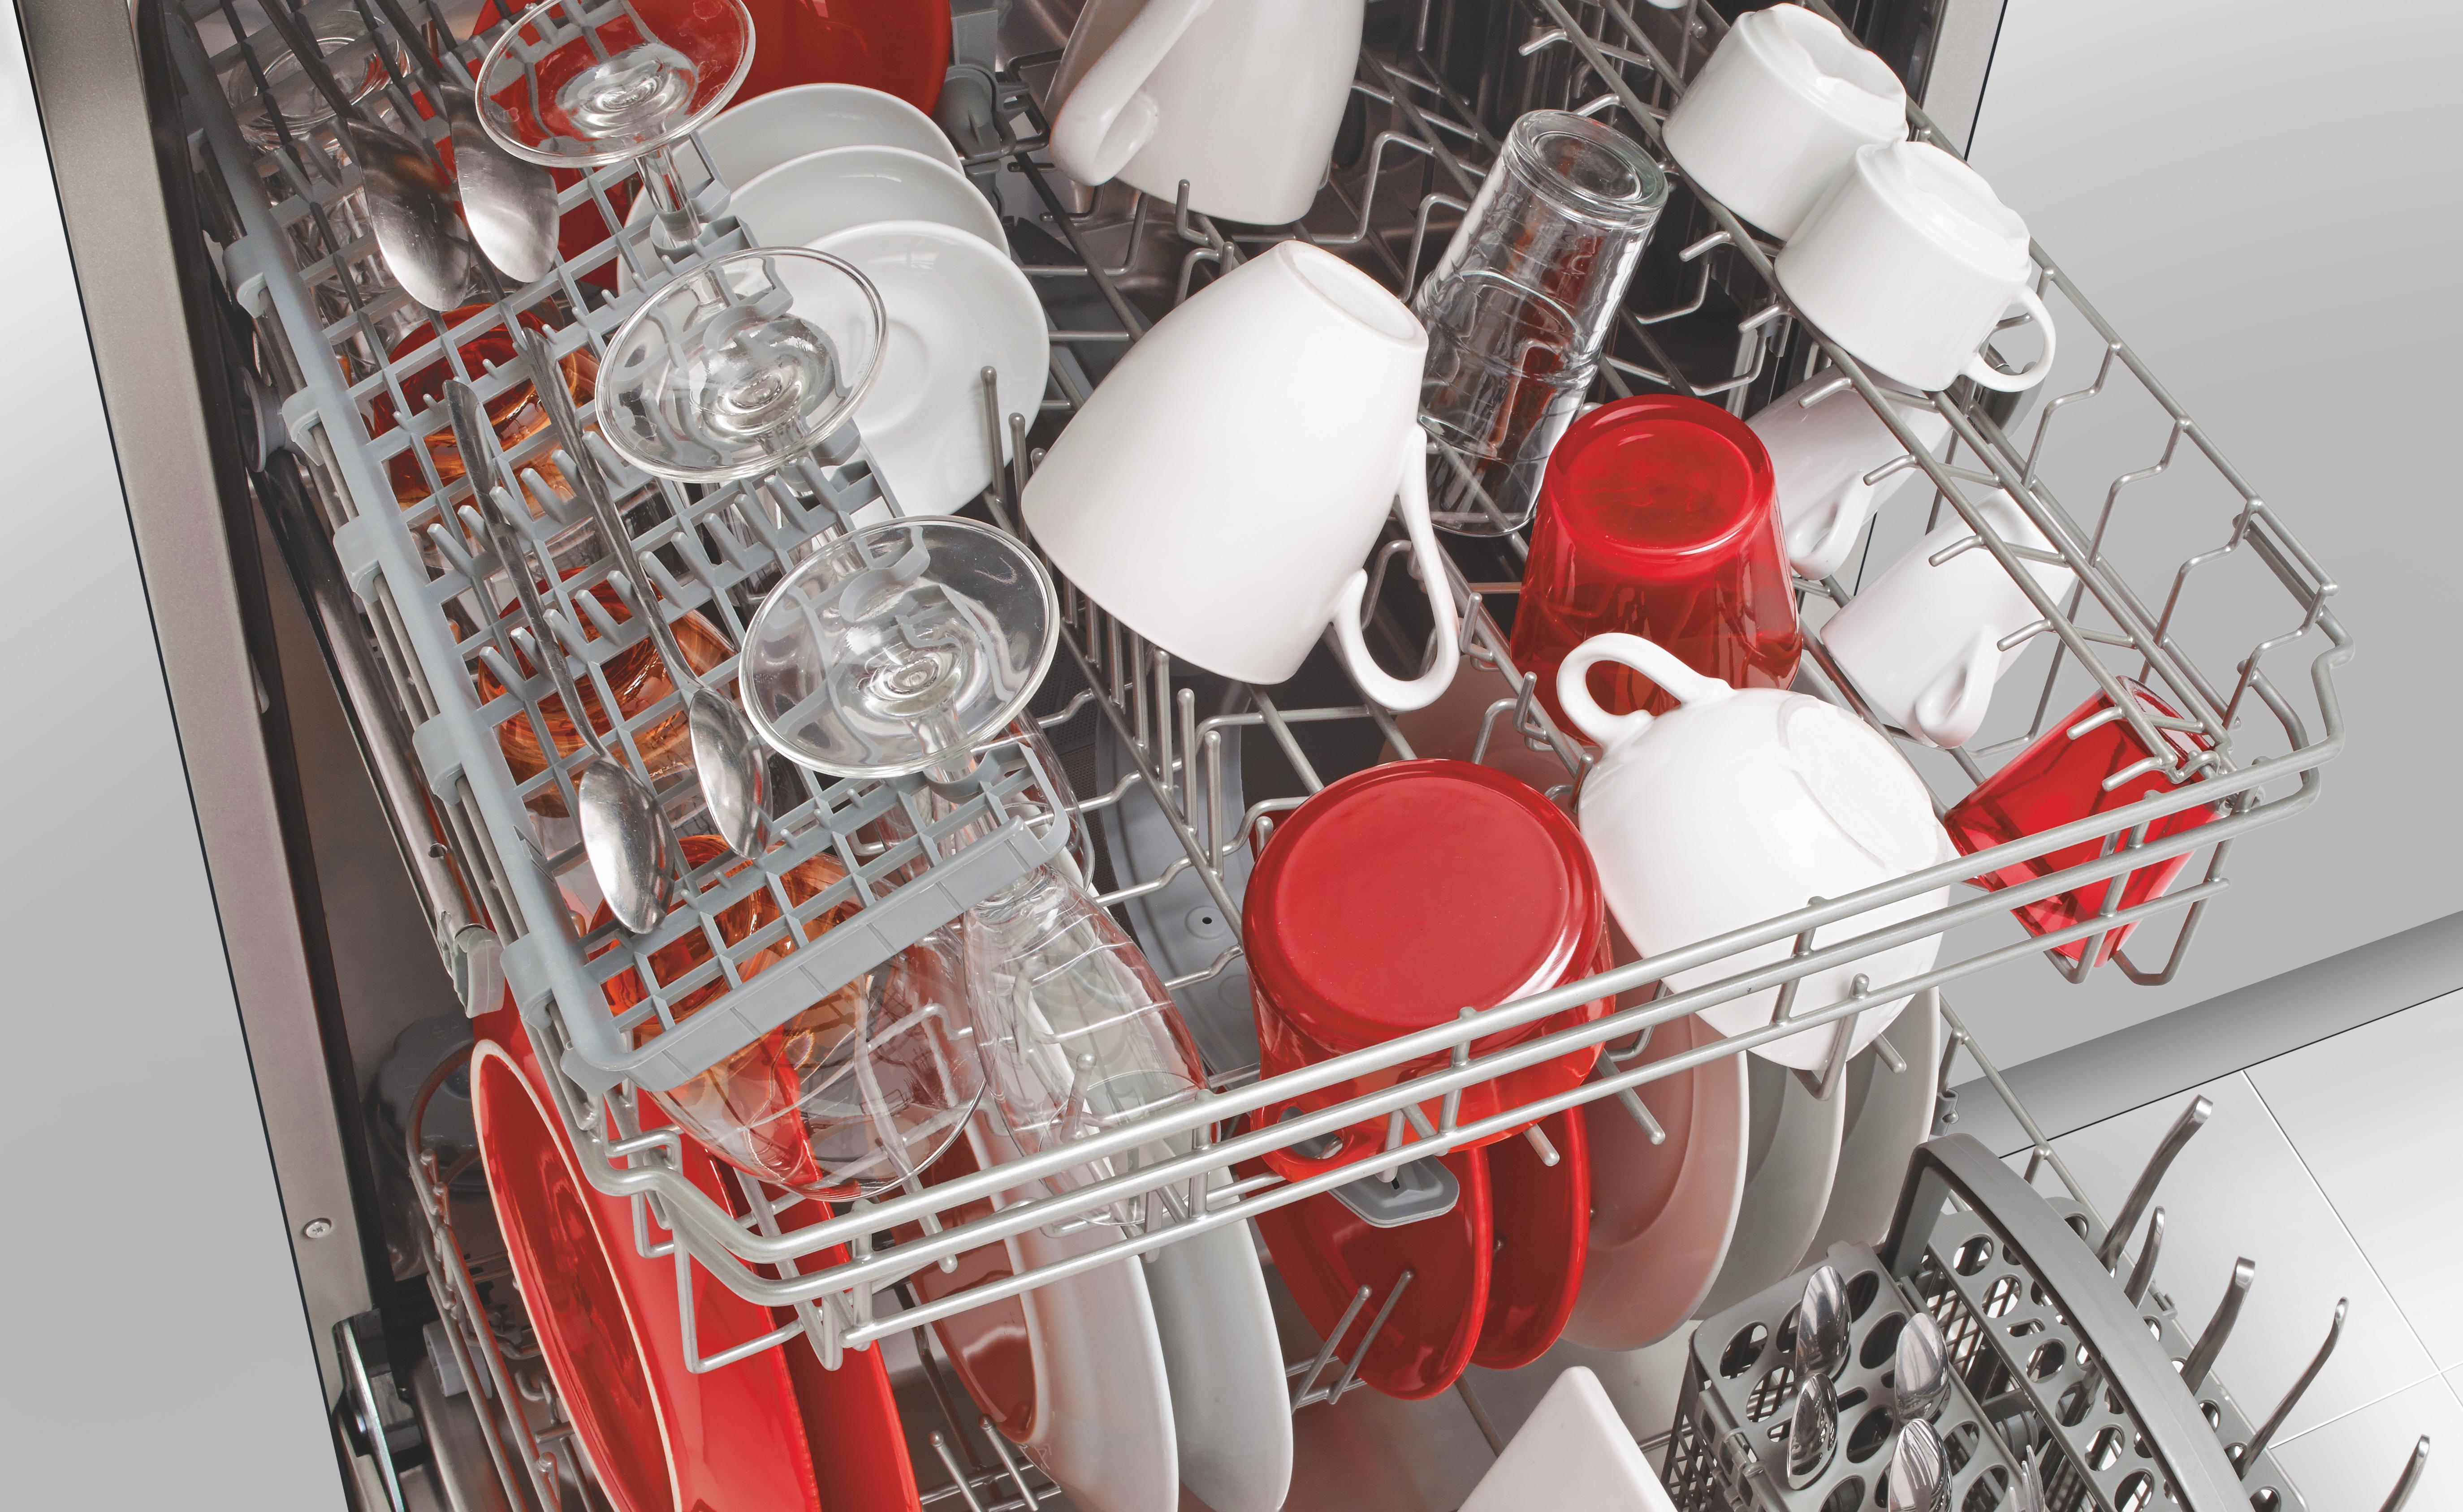 10611cdfc77a WikiBrandt: ¿Utilizar el lavavajillas o lavar a mano ...